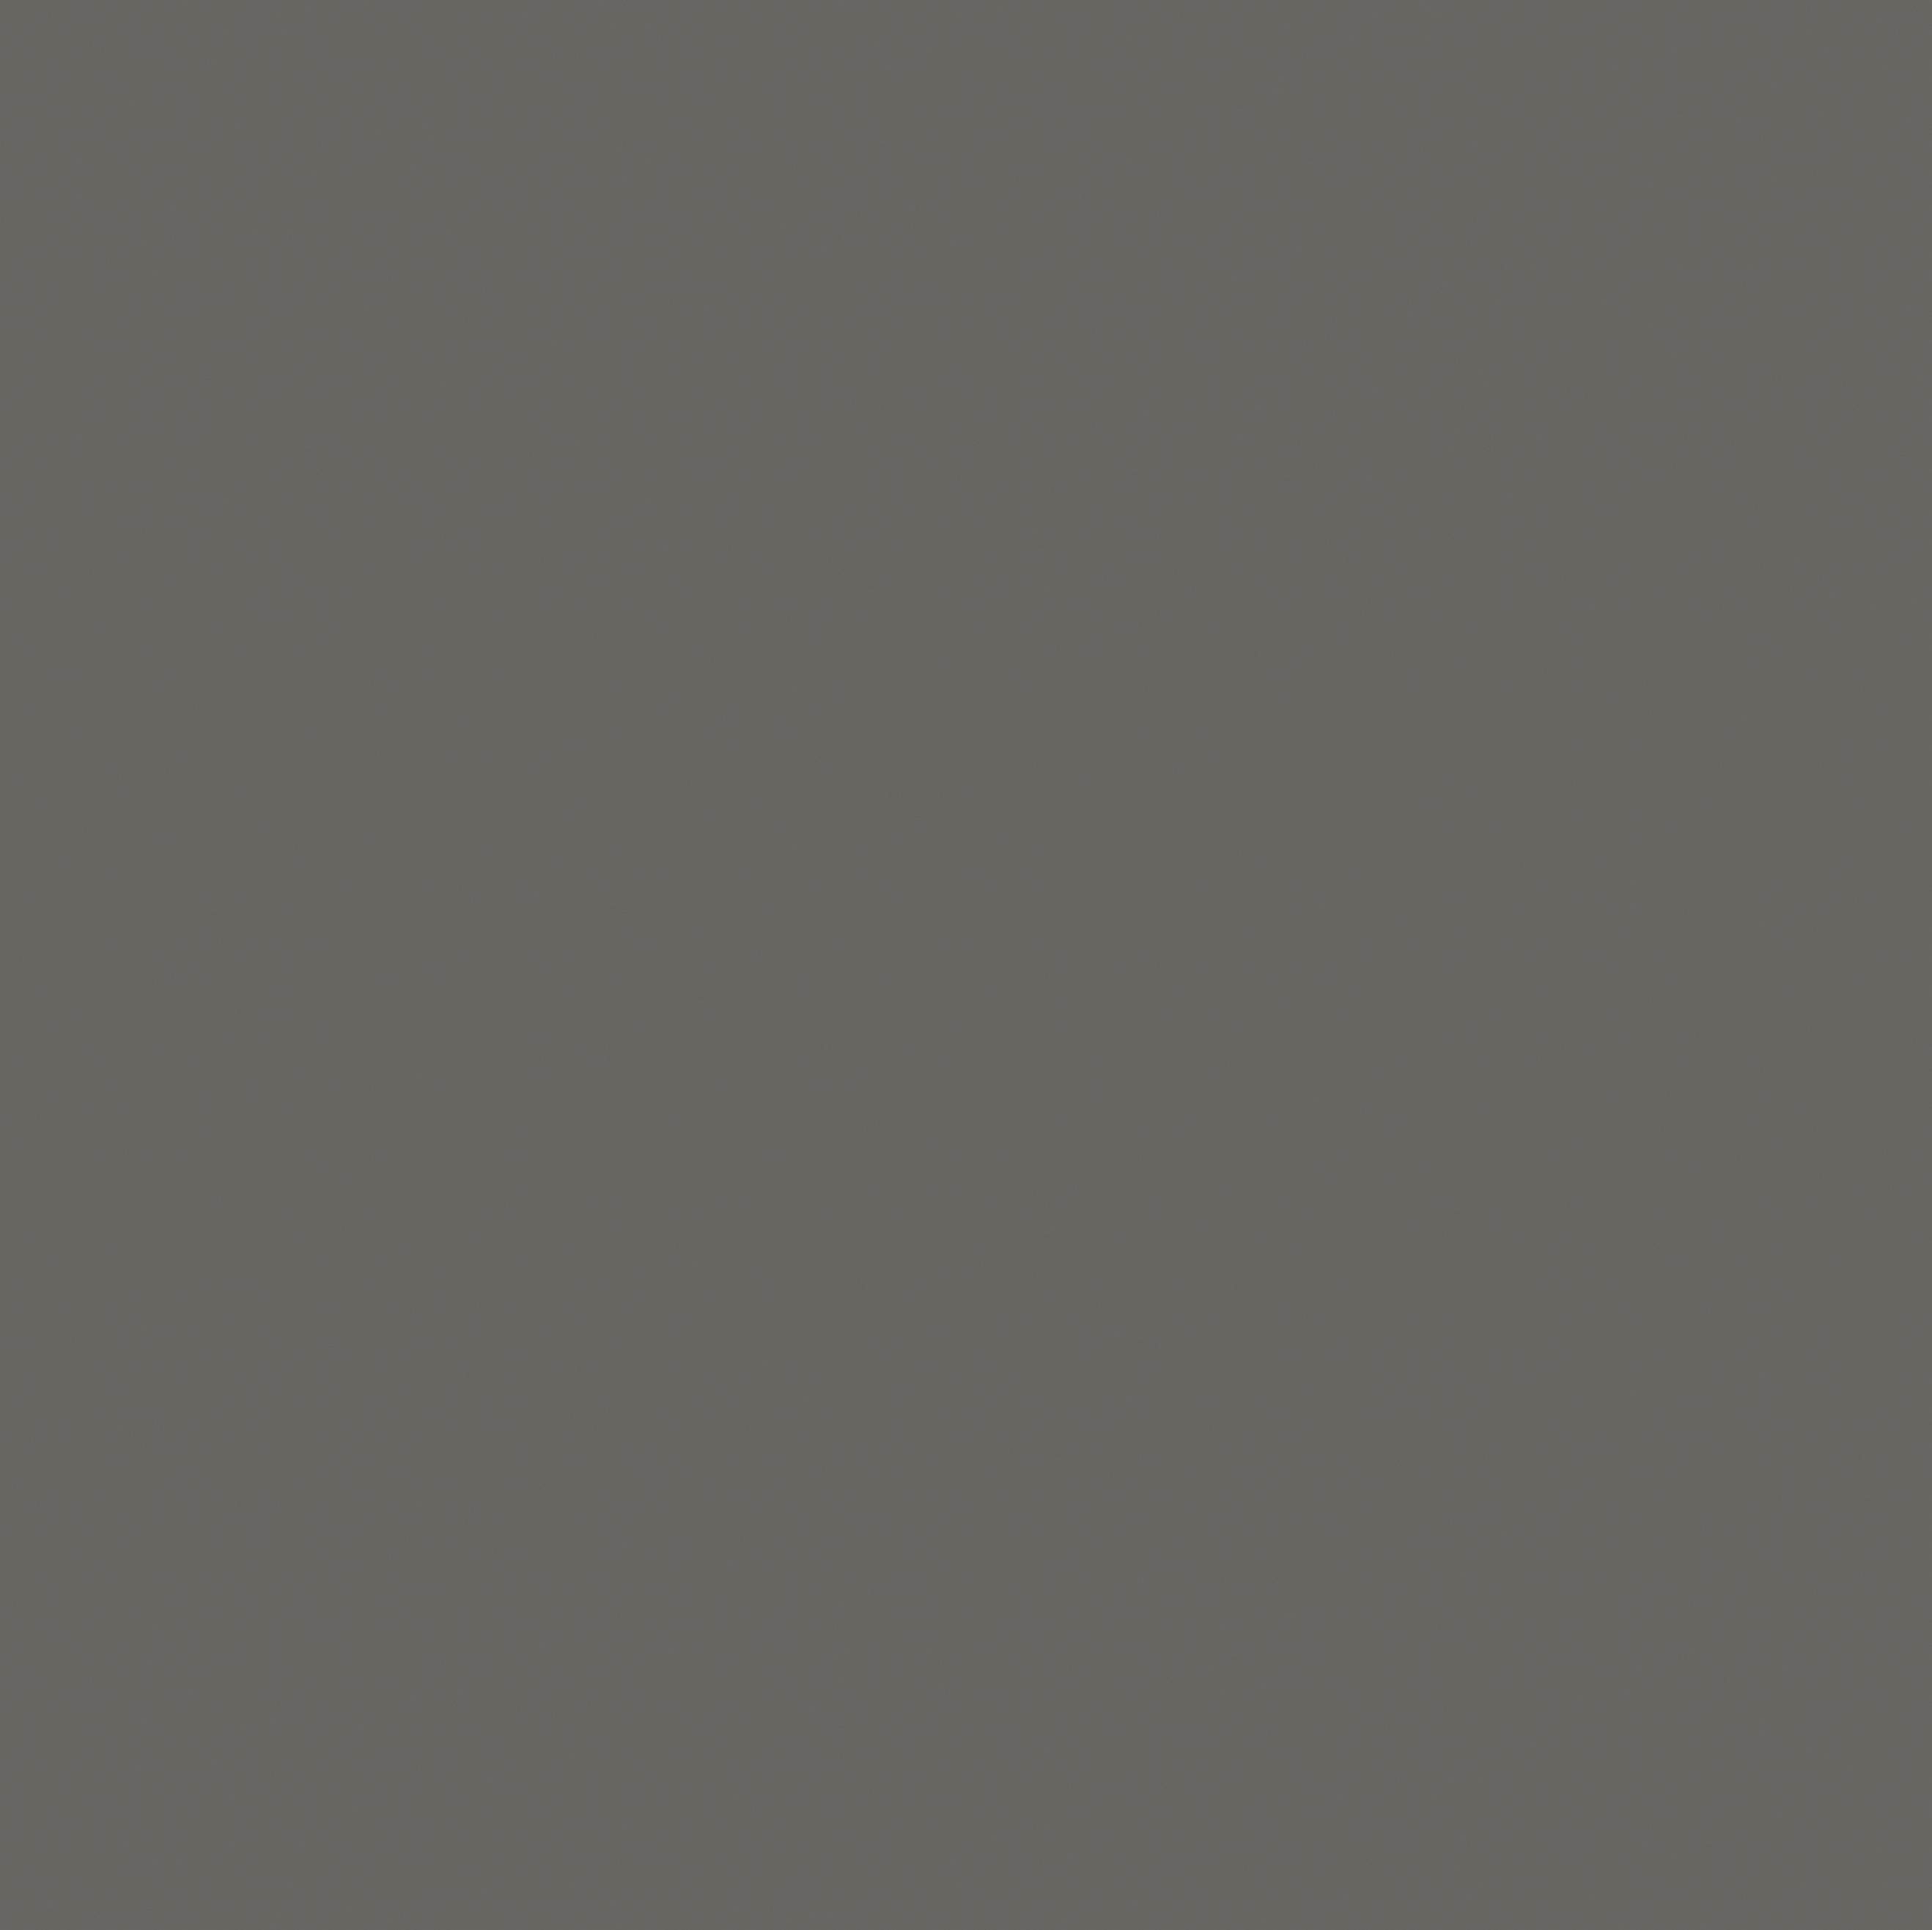 (8762) Quarzgrau Hochglanz Lack / PG2